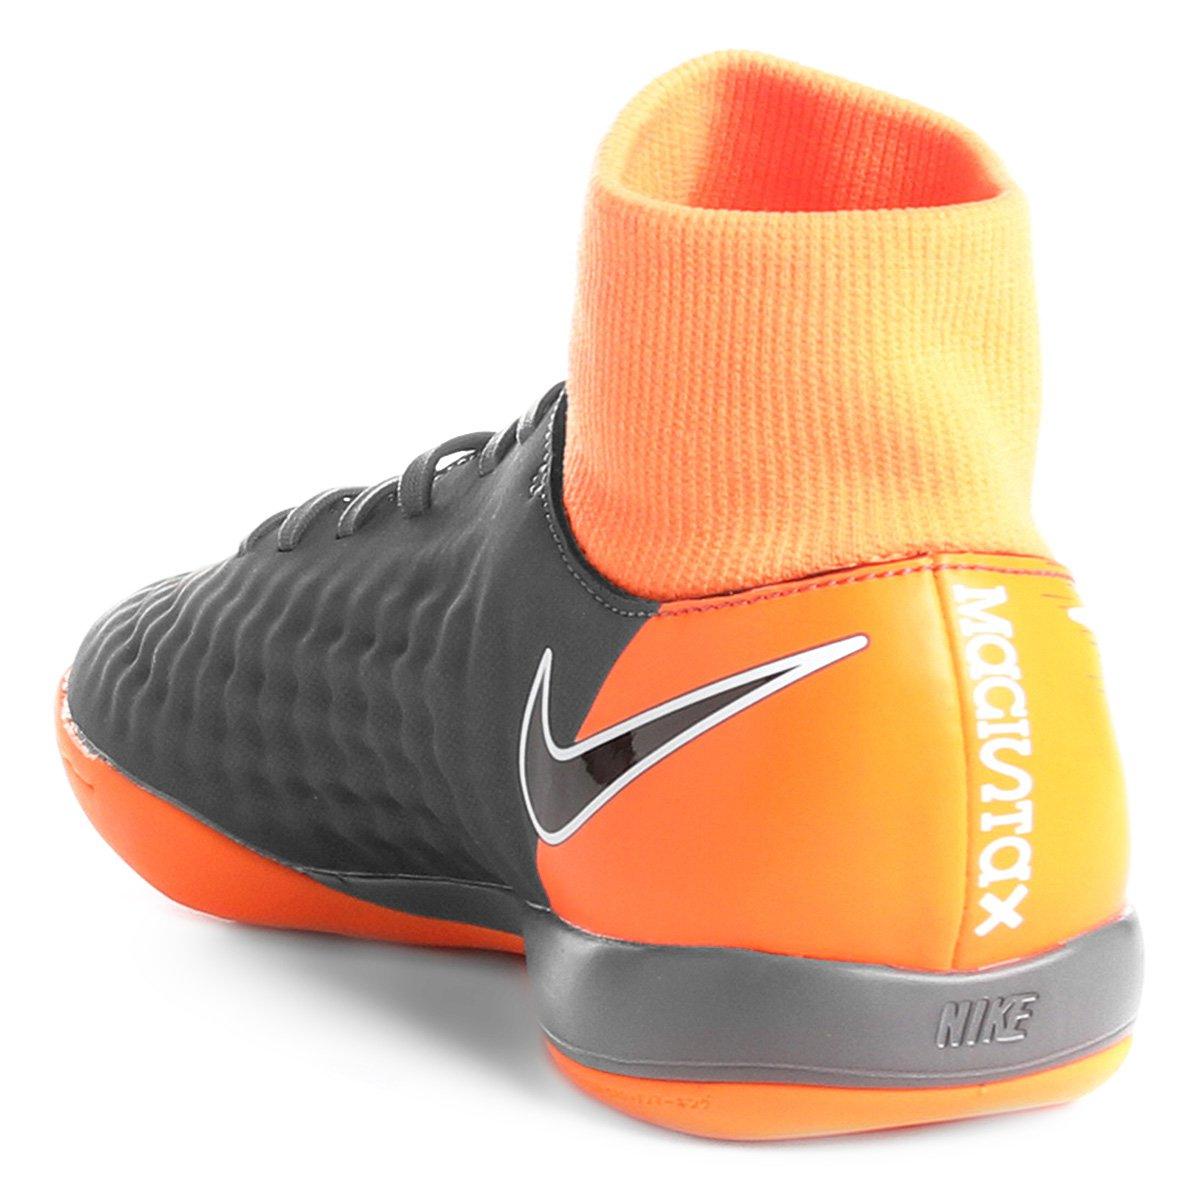 ca68211fe780e Chuteira Futsal Nike Magista Obra 2 Academy Dinamic Fit | Livelo -Sua Vida  com Mais Recompensas